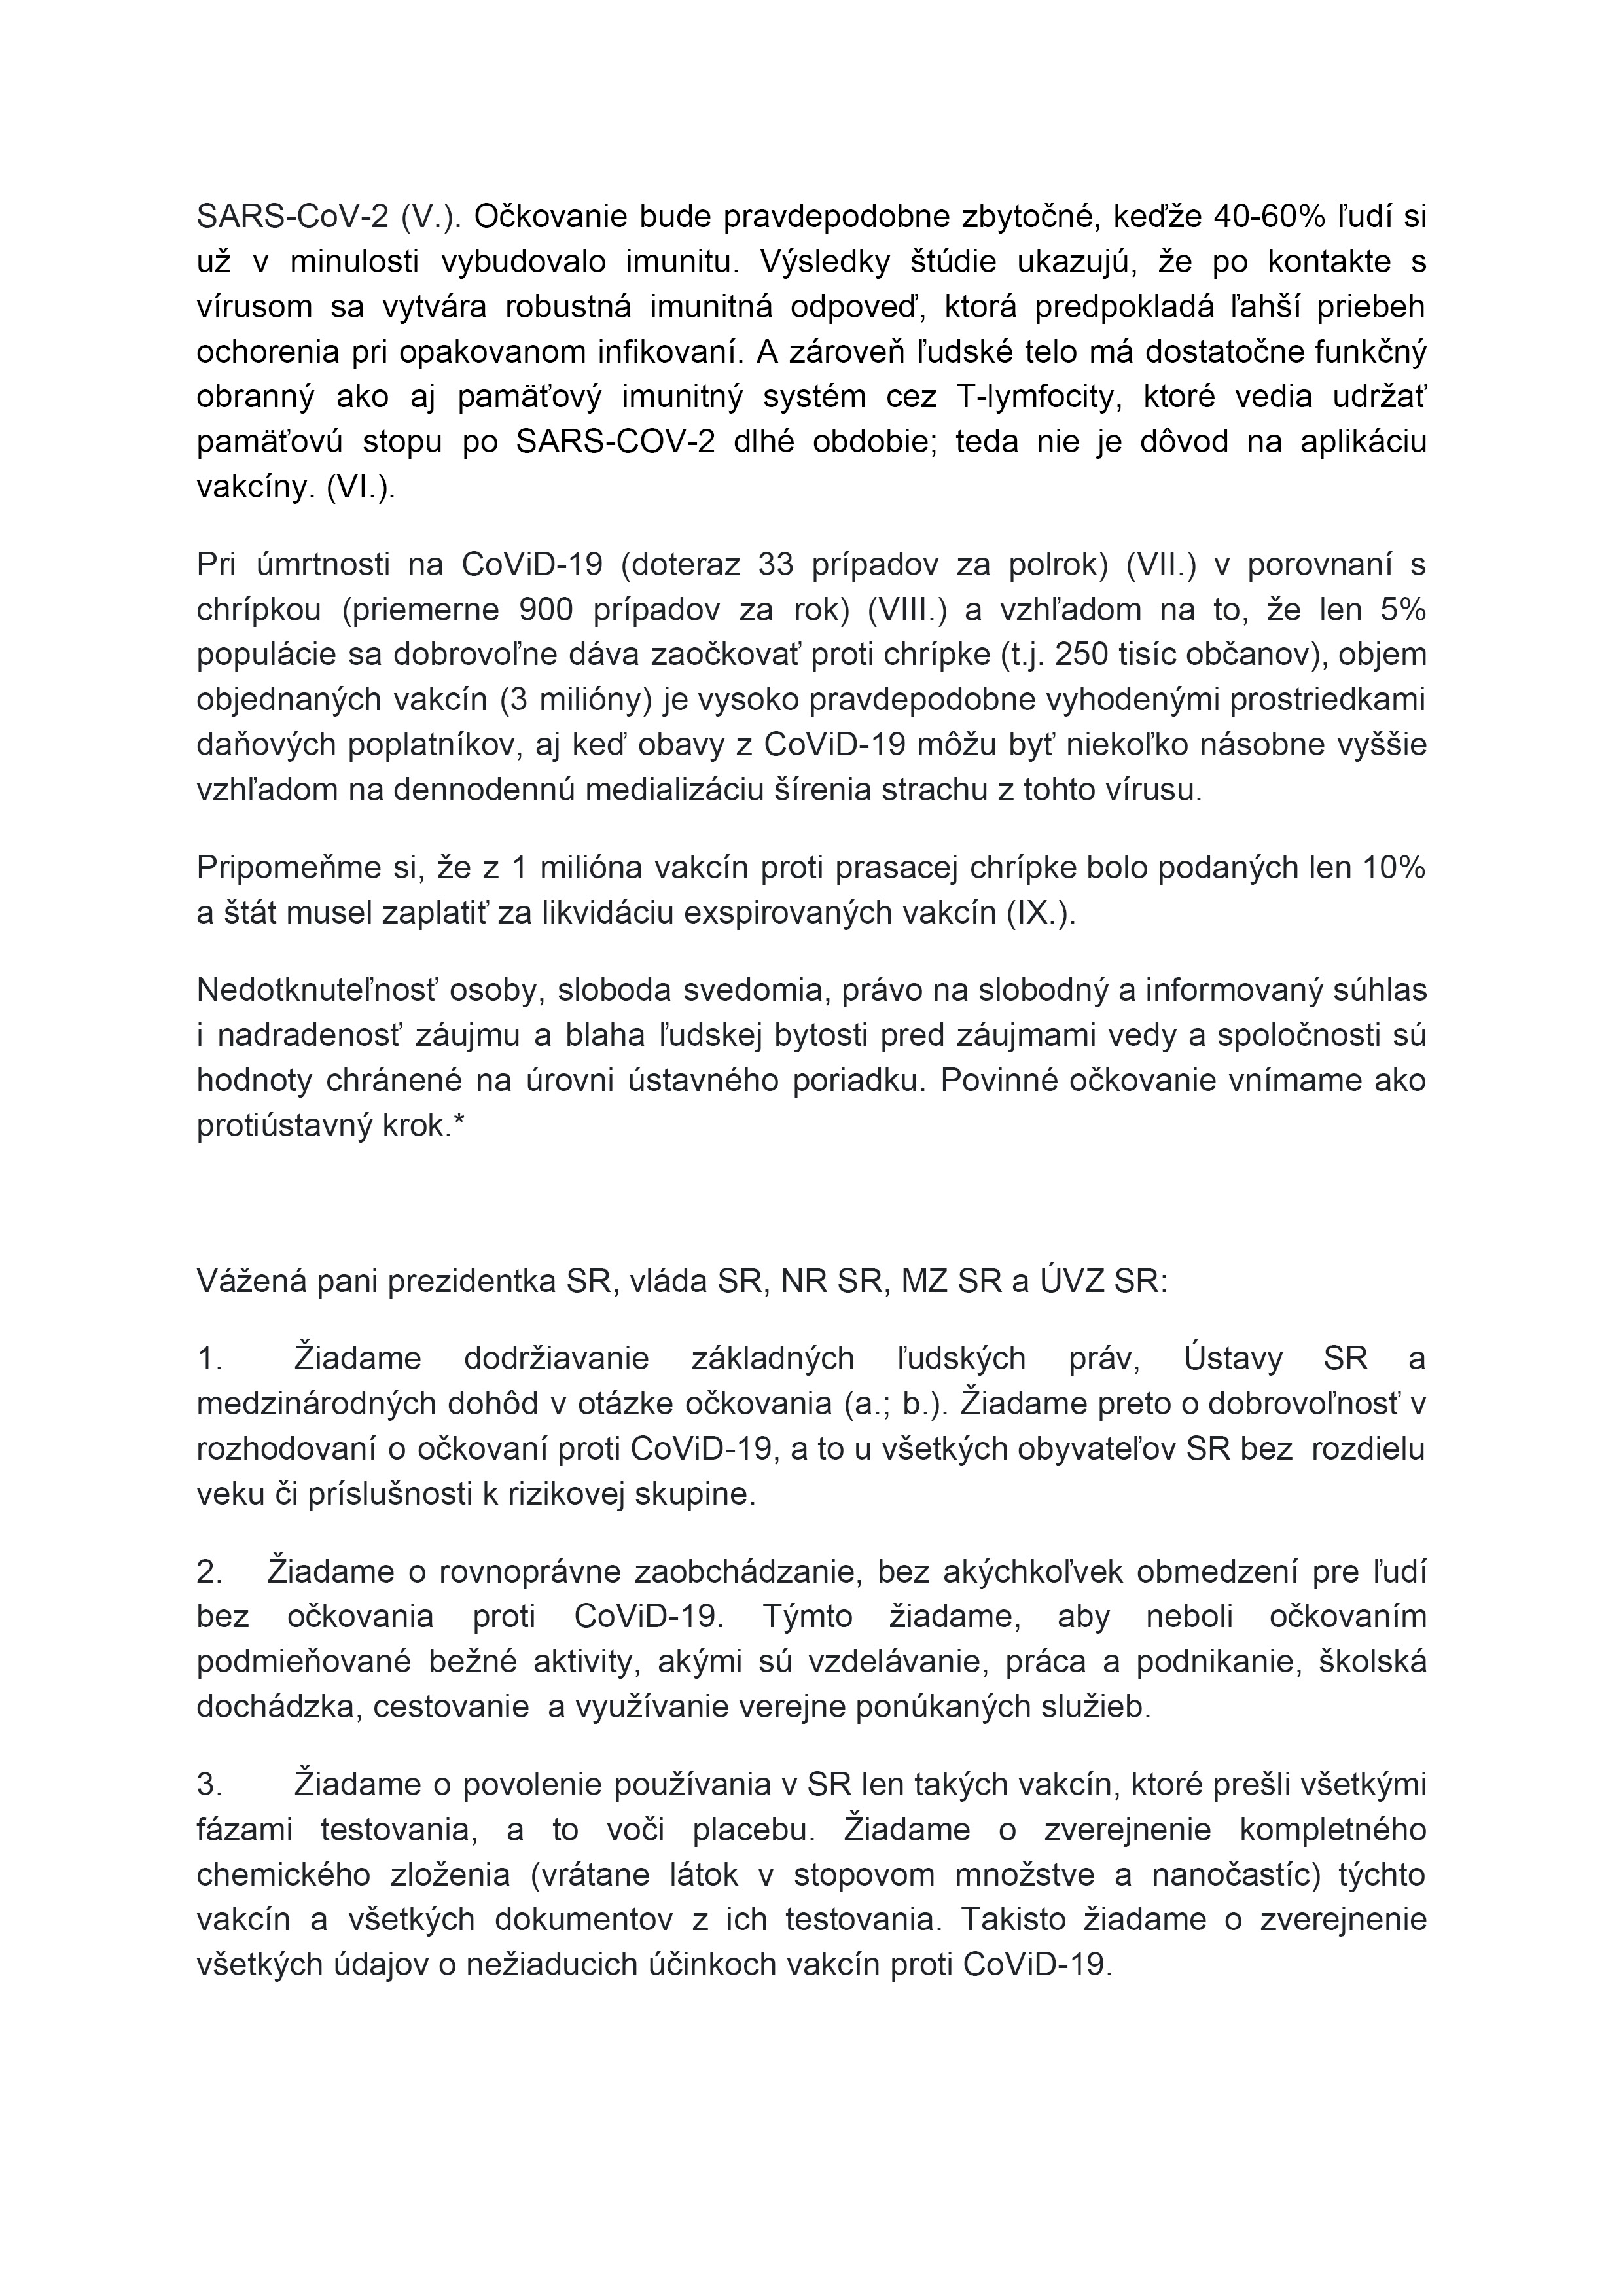 3_PETICNY_HAROK_Peticia_za_dobrovolnost_ockovania_proti_CoViD_19.jpg